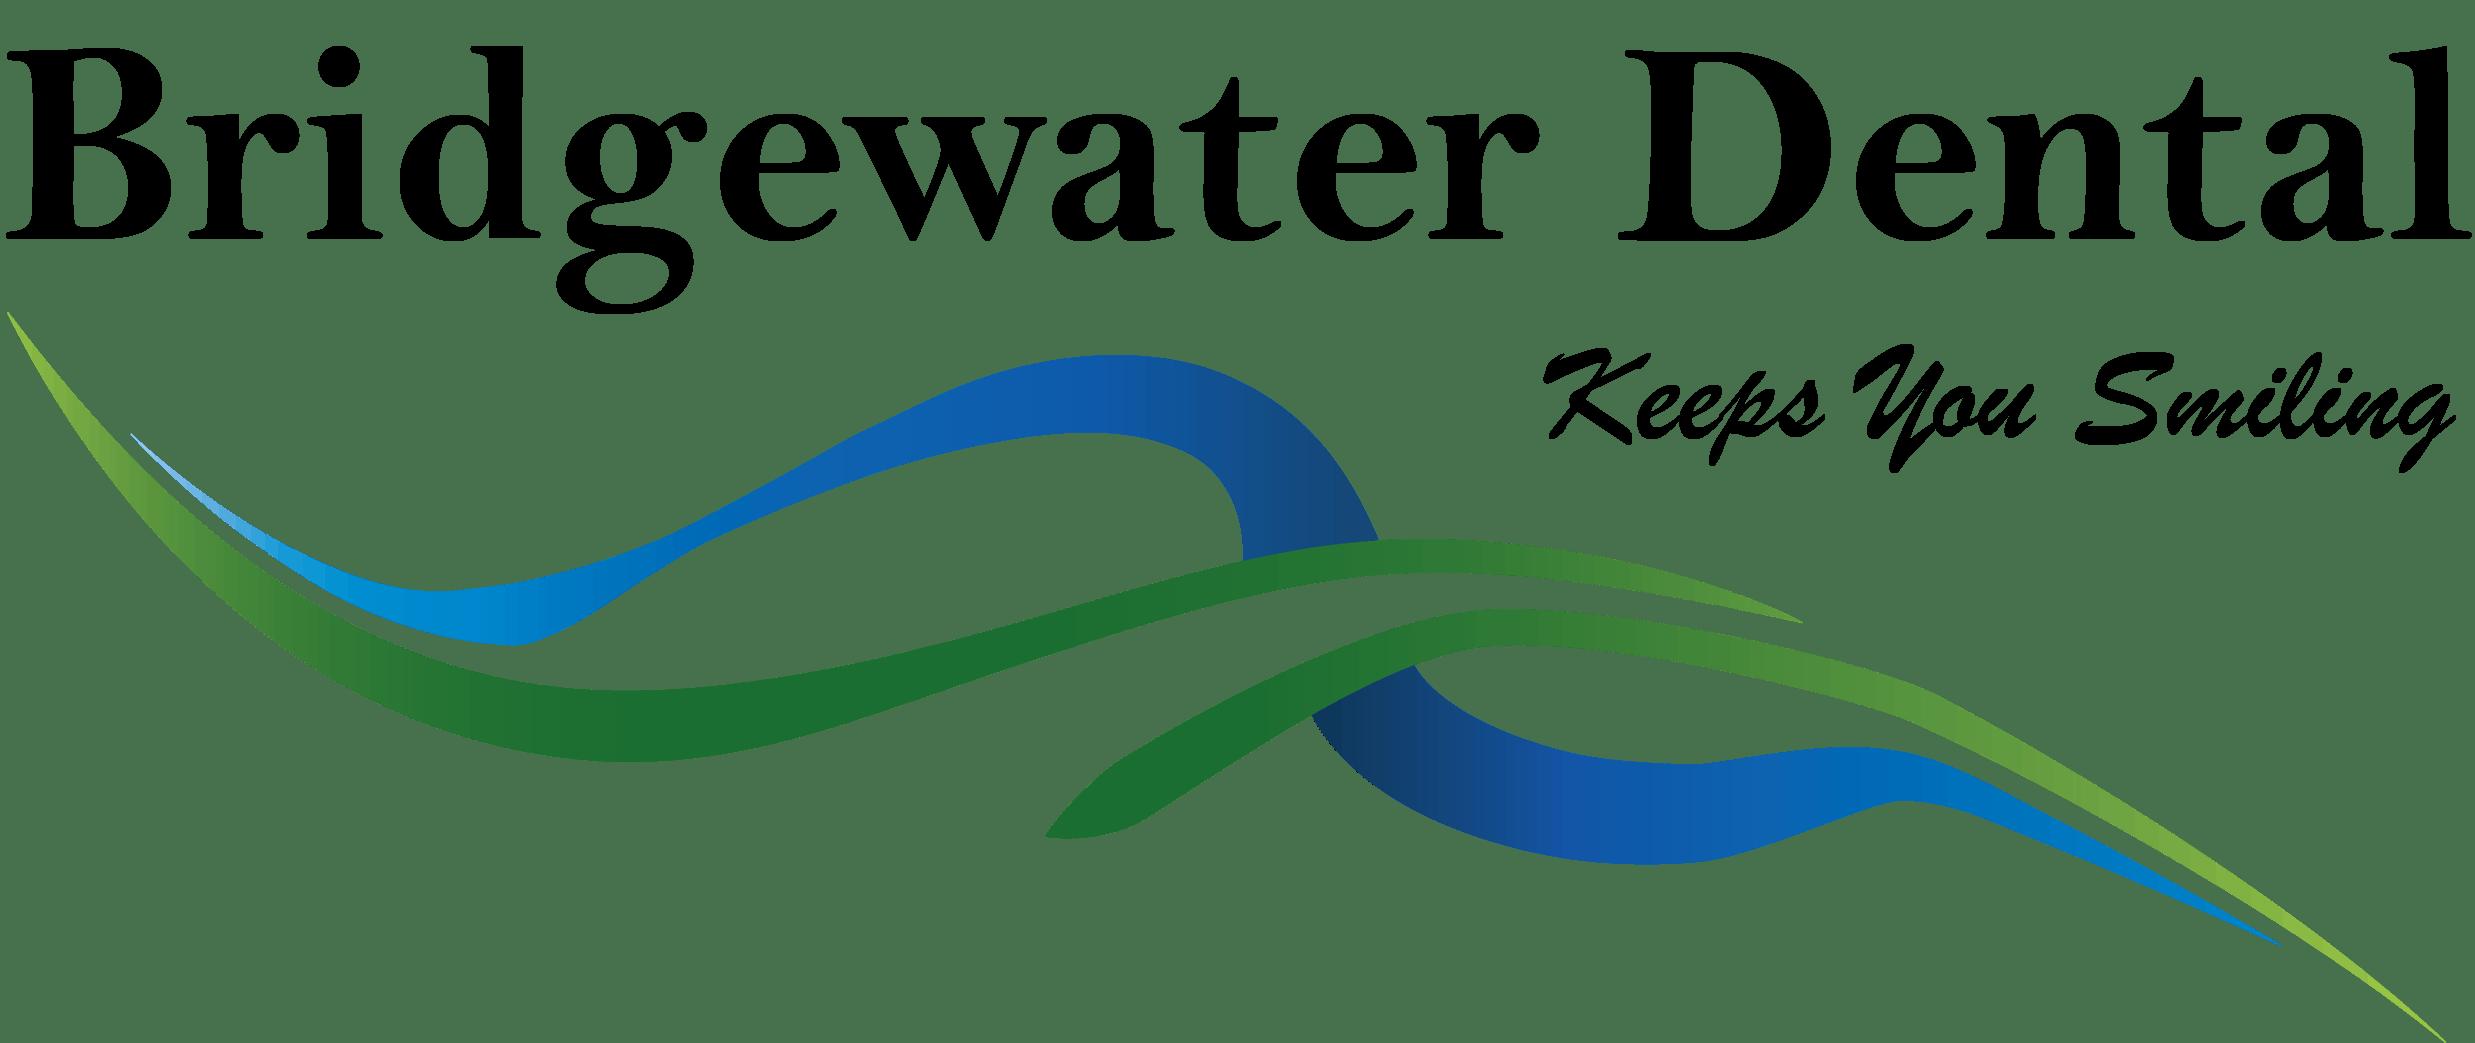 Bridgewater Dental Practice Logo